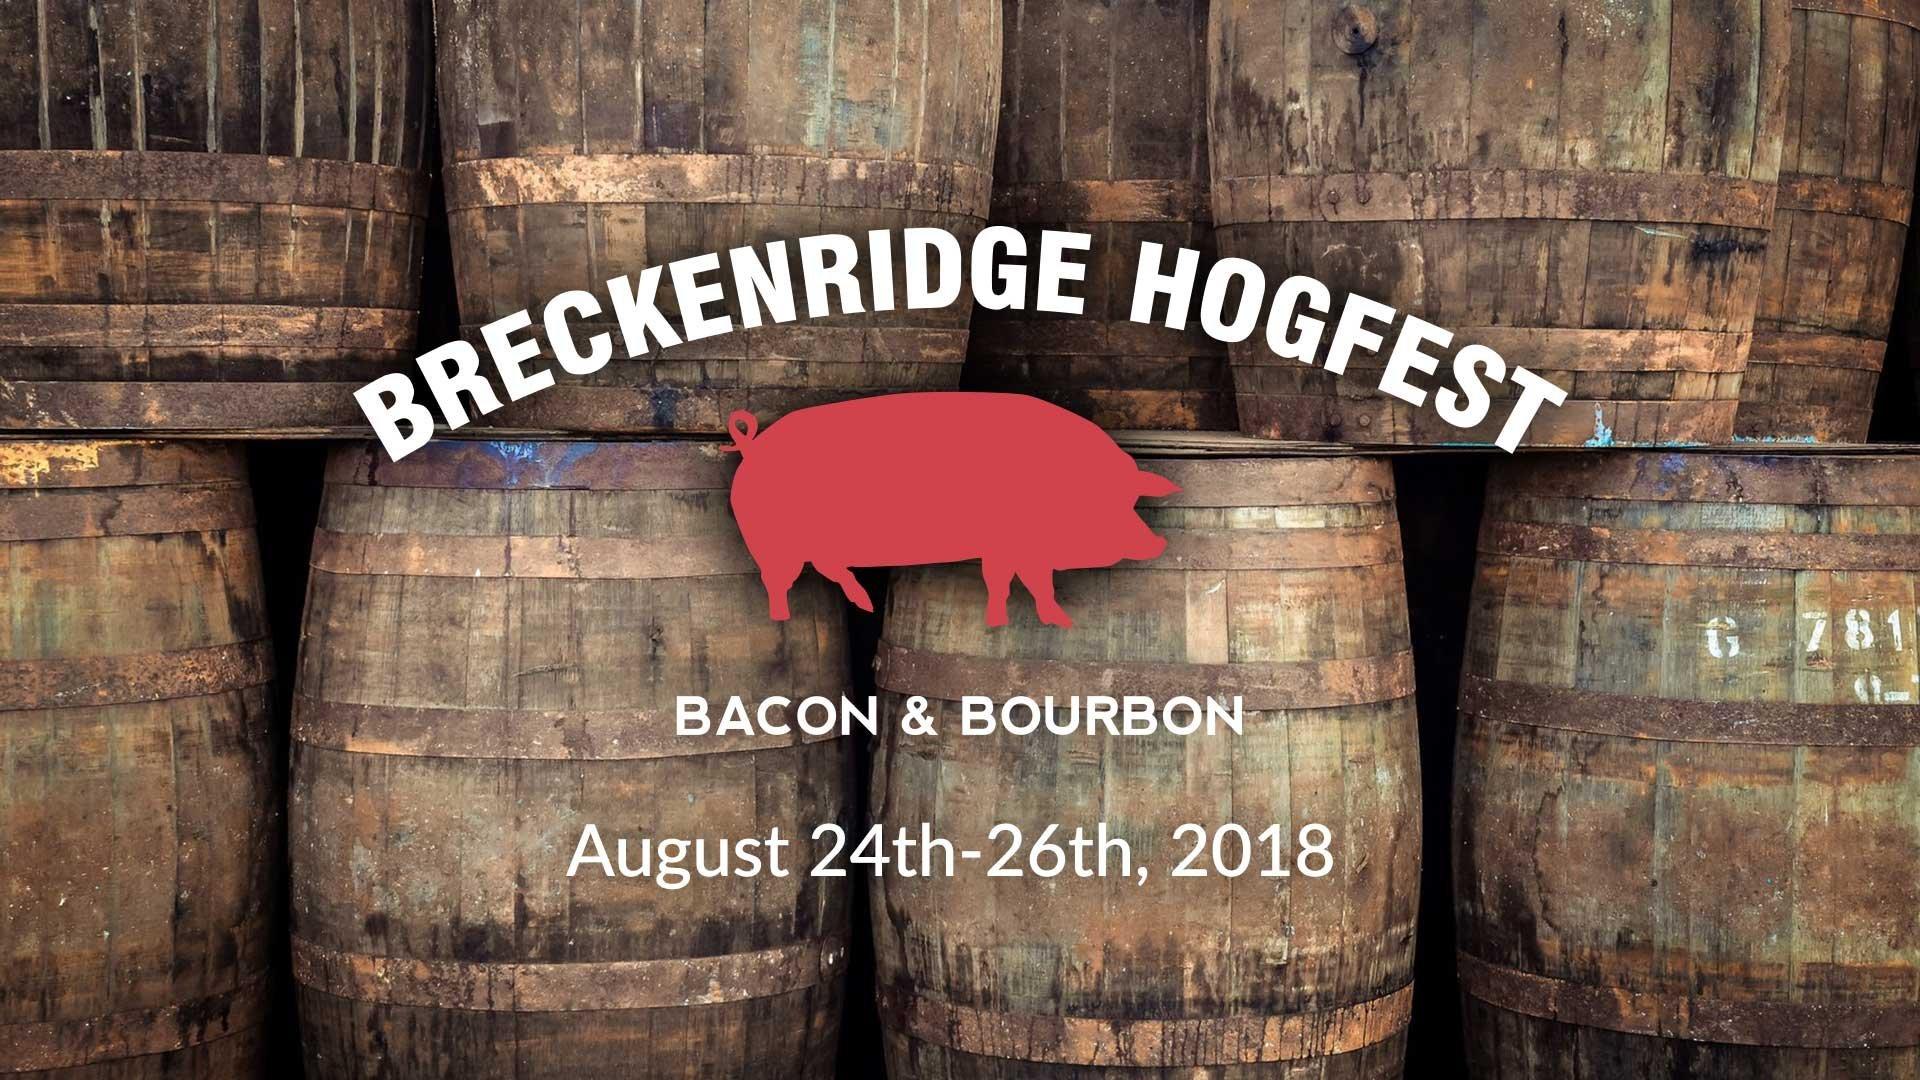 Breckenridge's HogFest